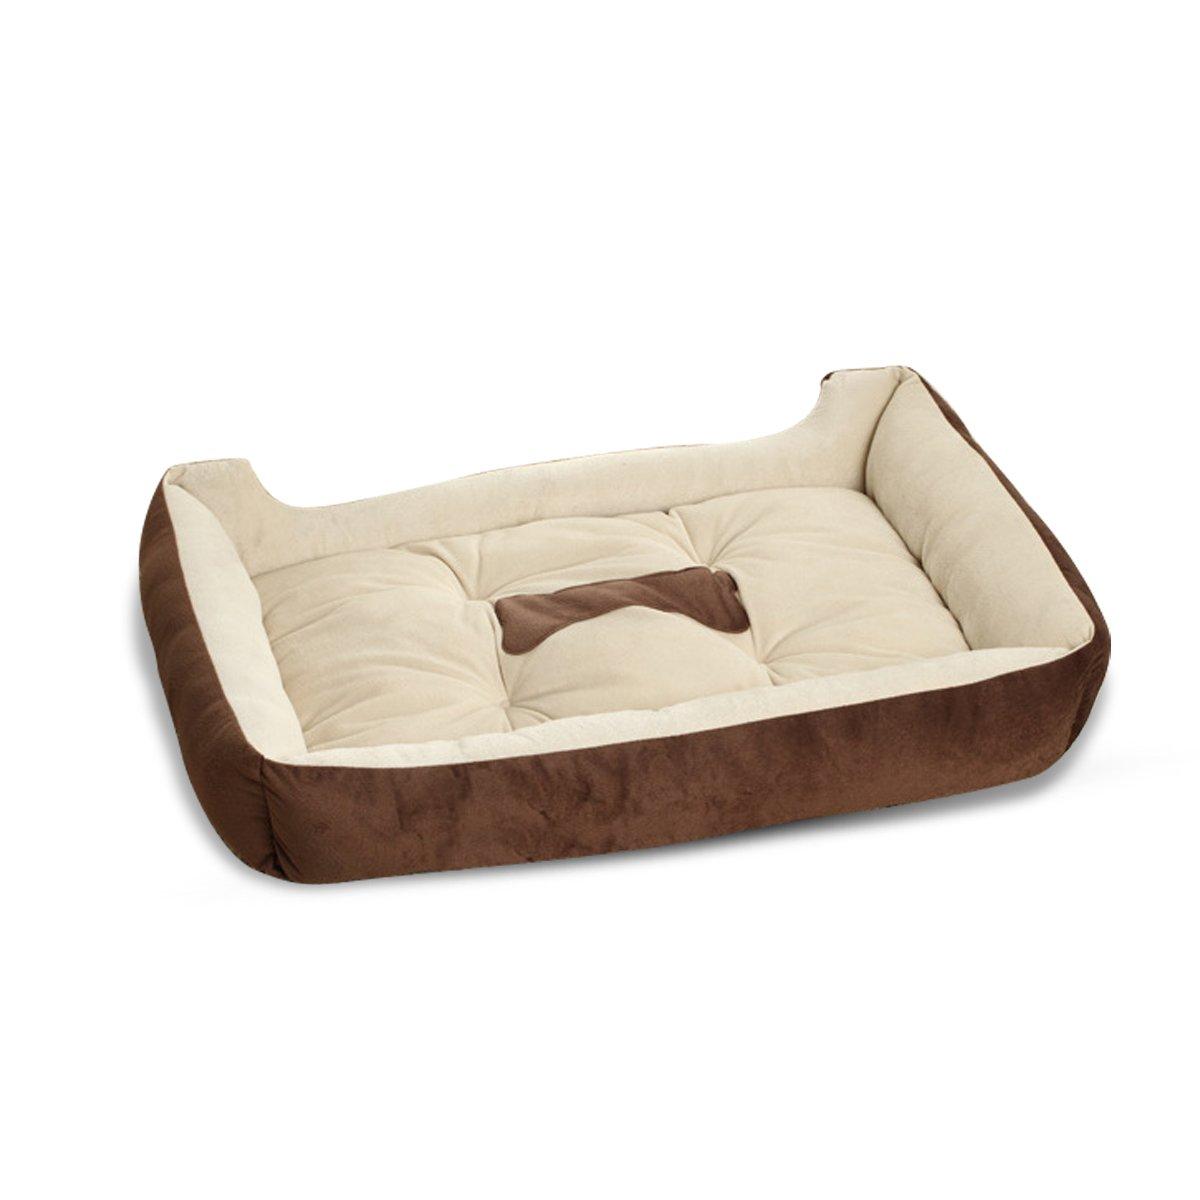 PETCUTE Letto per Cani Grandi Cuccia Letti per Cani Lavabile cucce per Animali Domestici con Fodera in Finta Pelle di Pecora